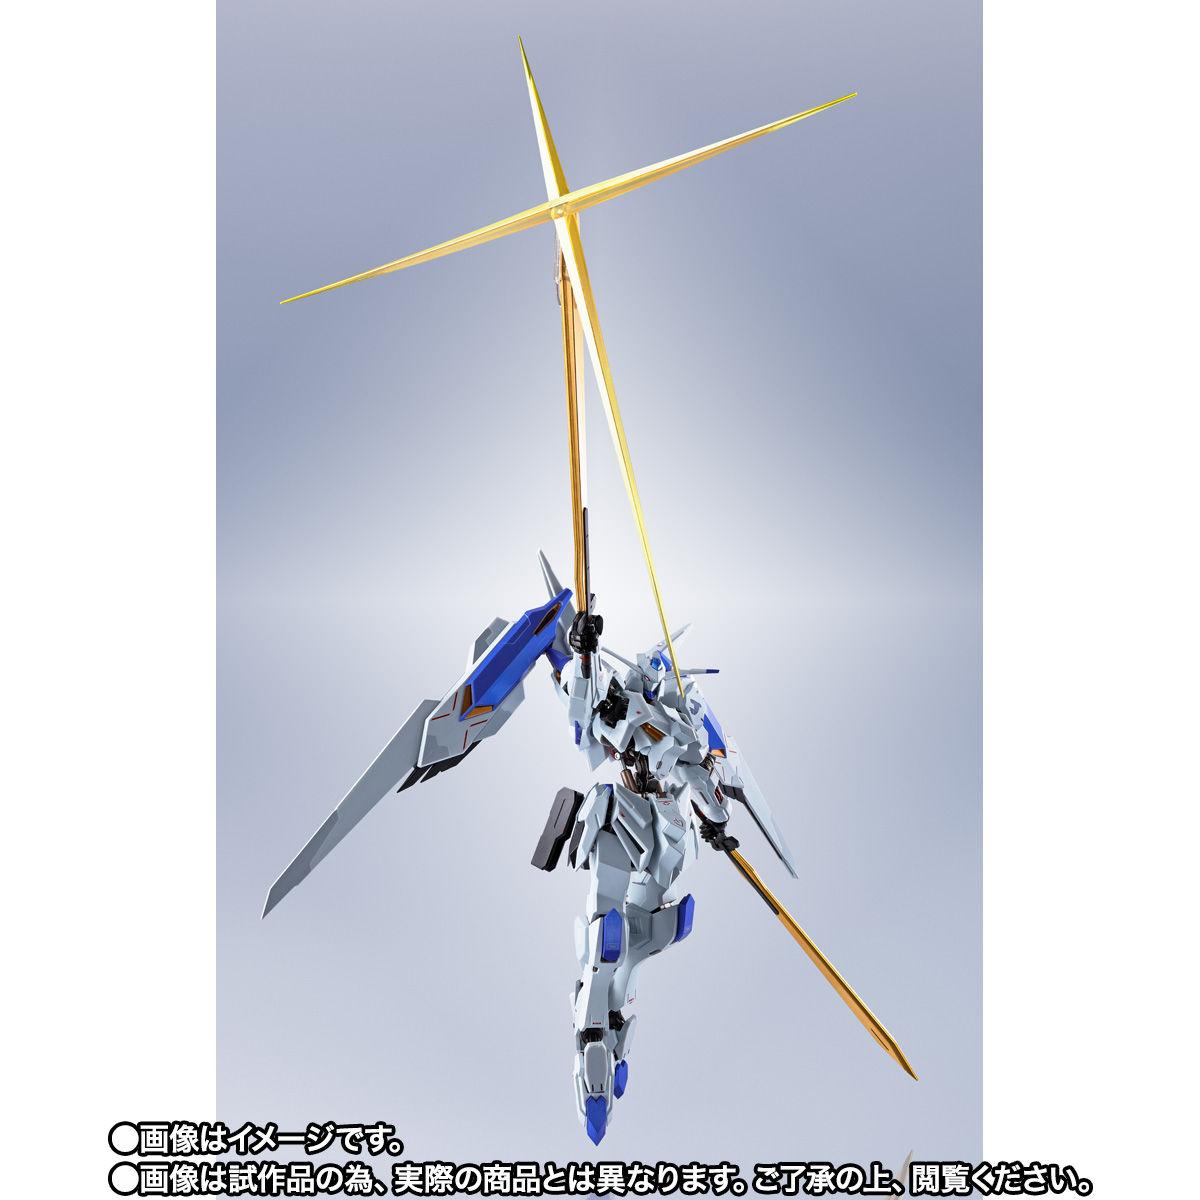 【限定販売】METAL ROBOT魂〈SIDE MS〉『ガンダムバエル』鉄血のオルフェンズ 可動フィギュア-008